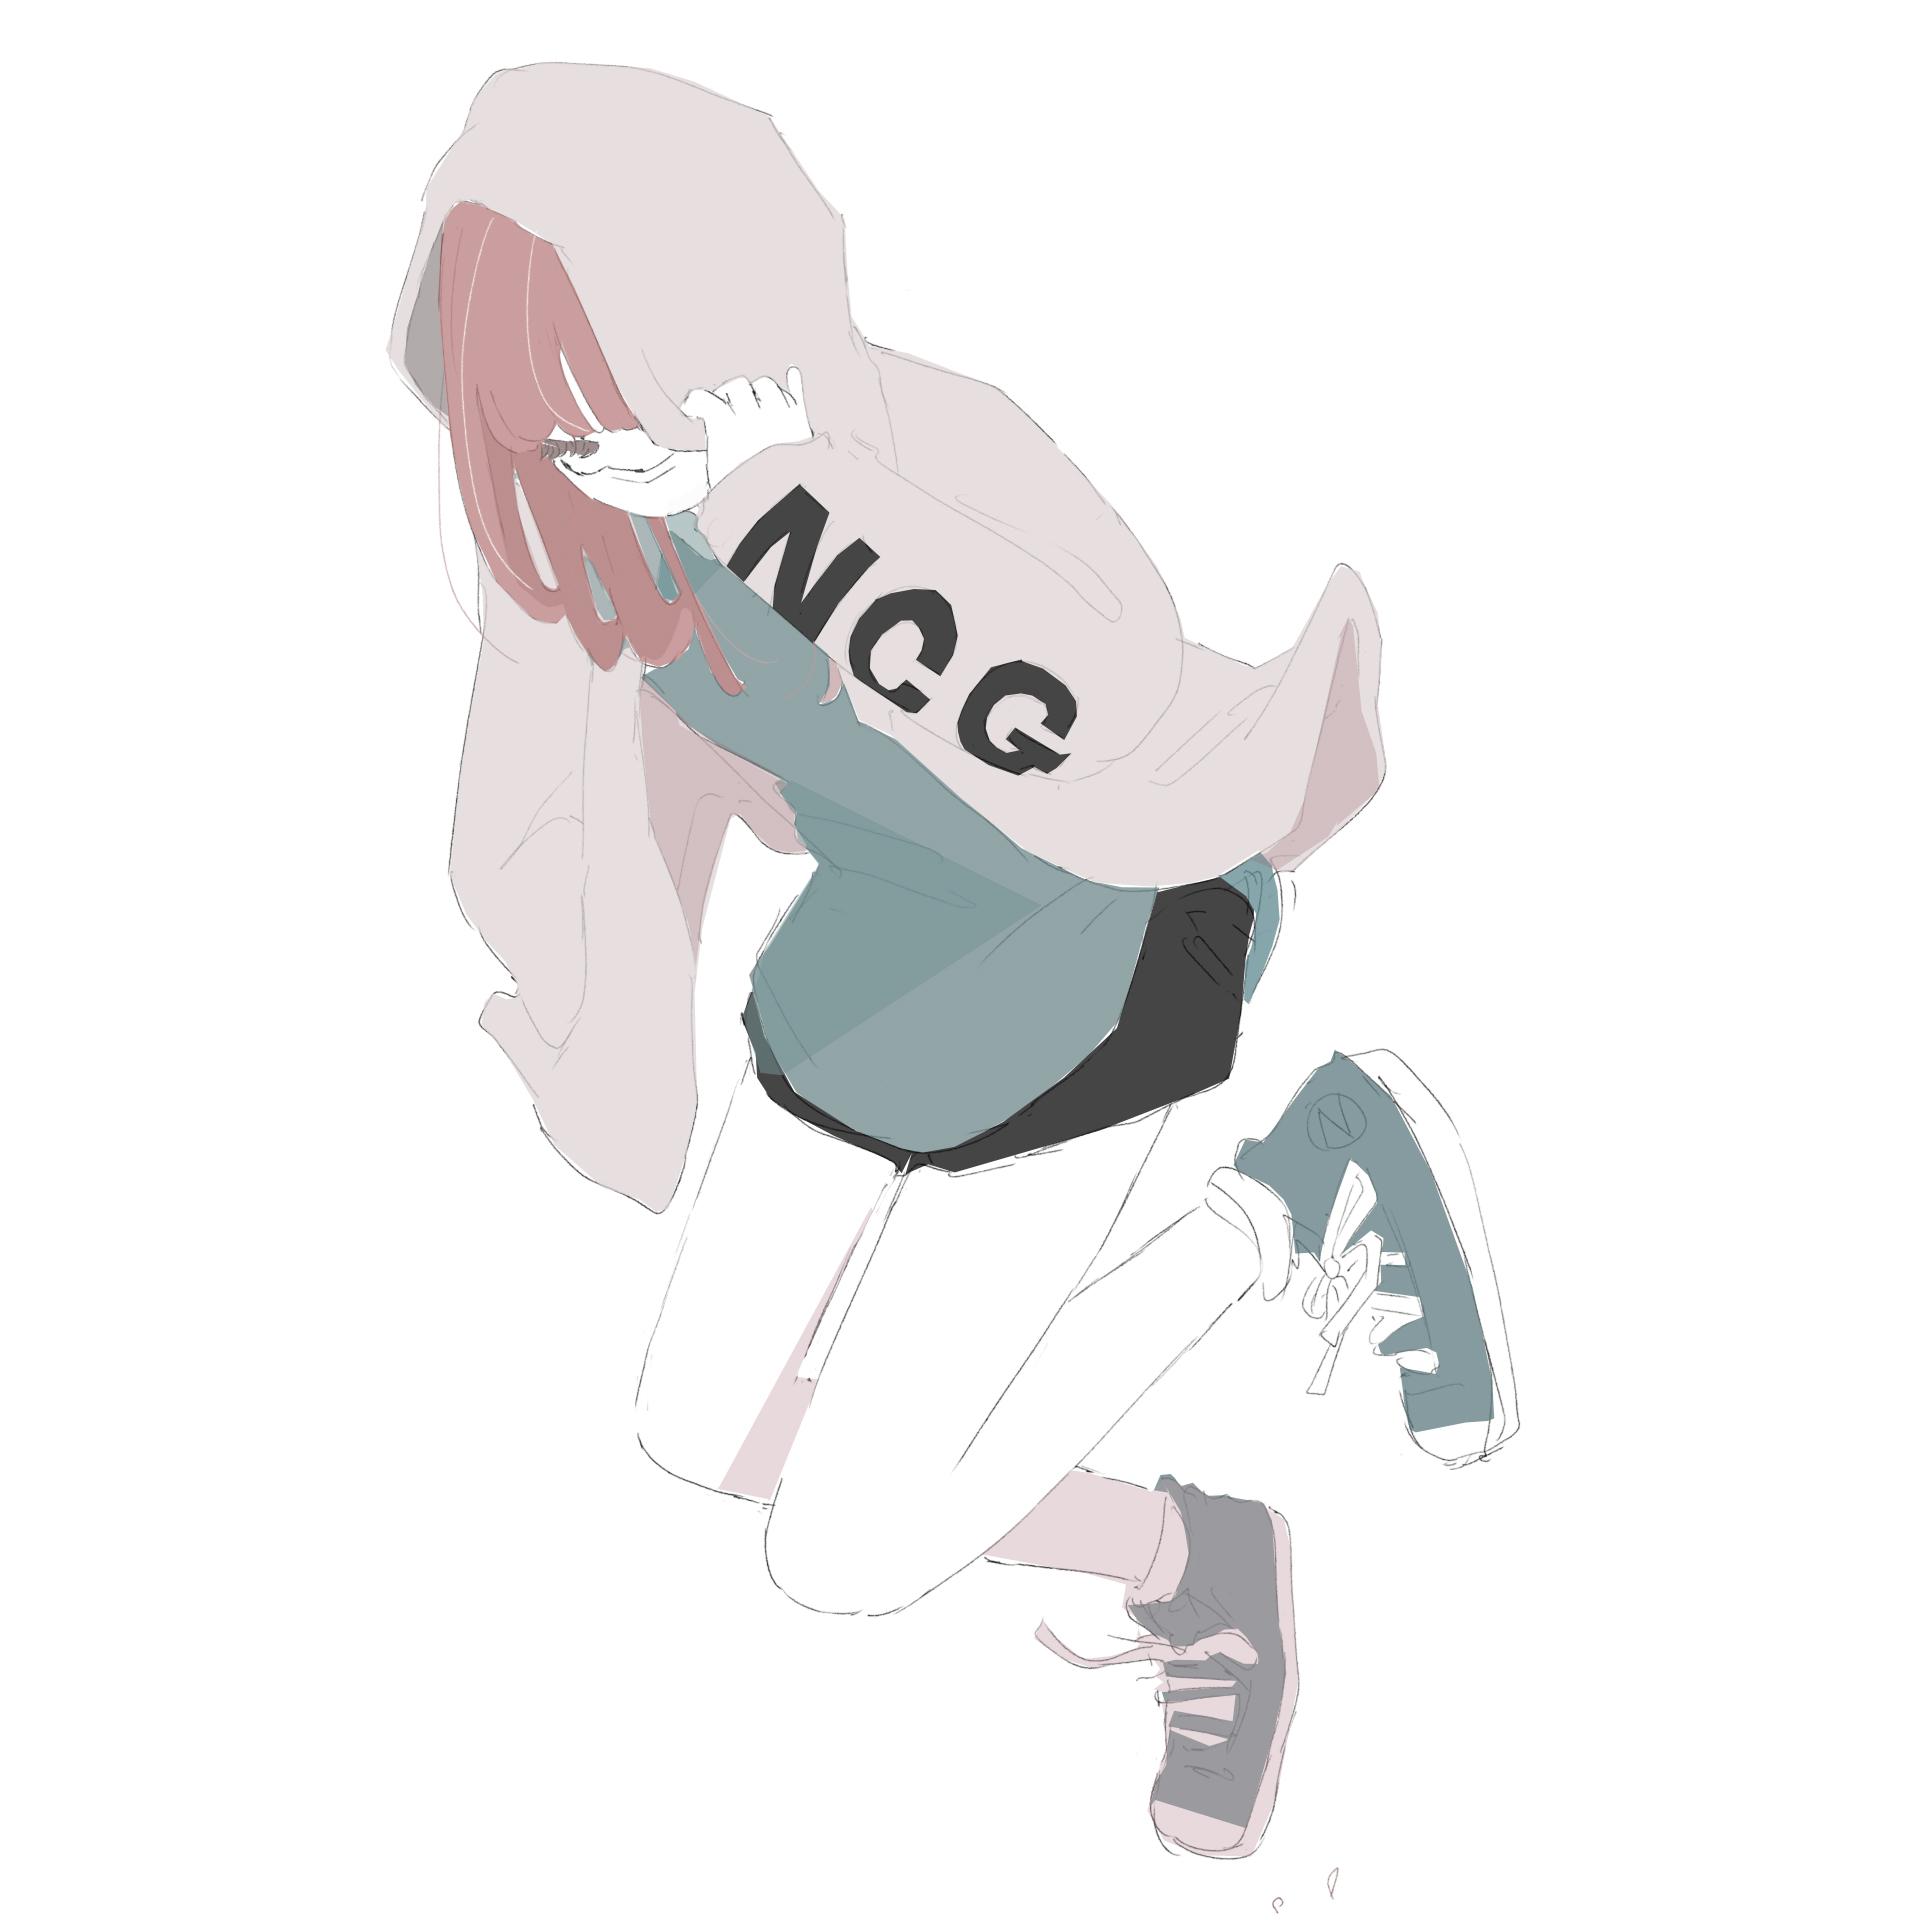 パーカー女子の走り幅跳びのフリーイラスト